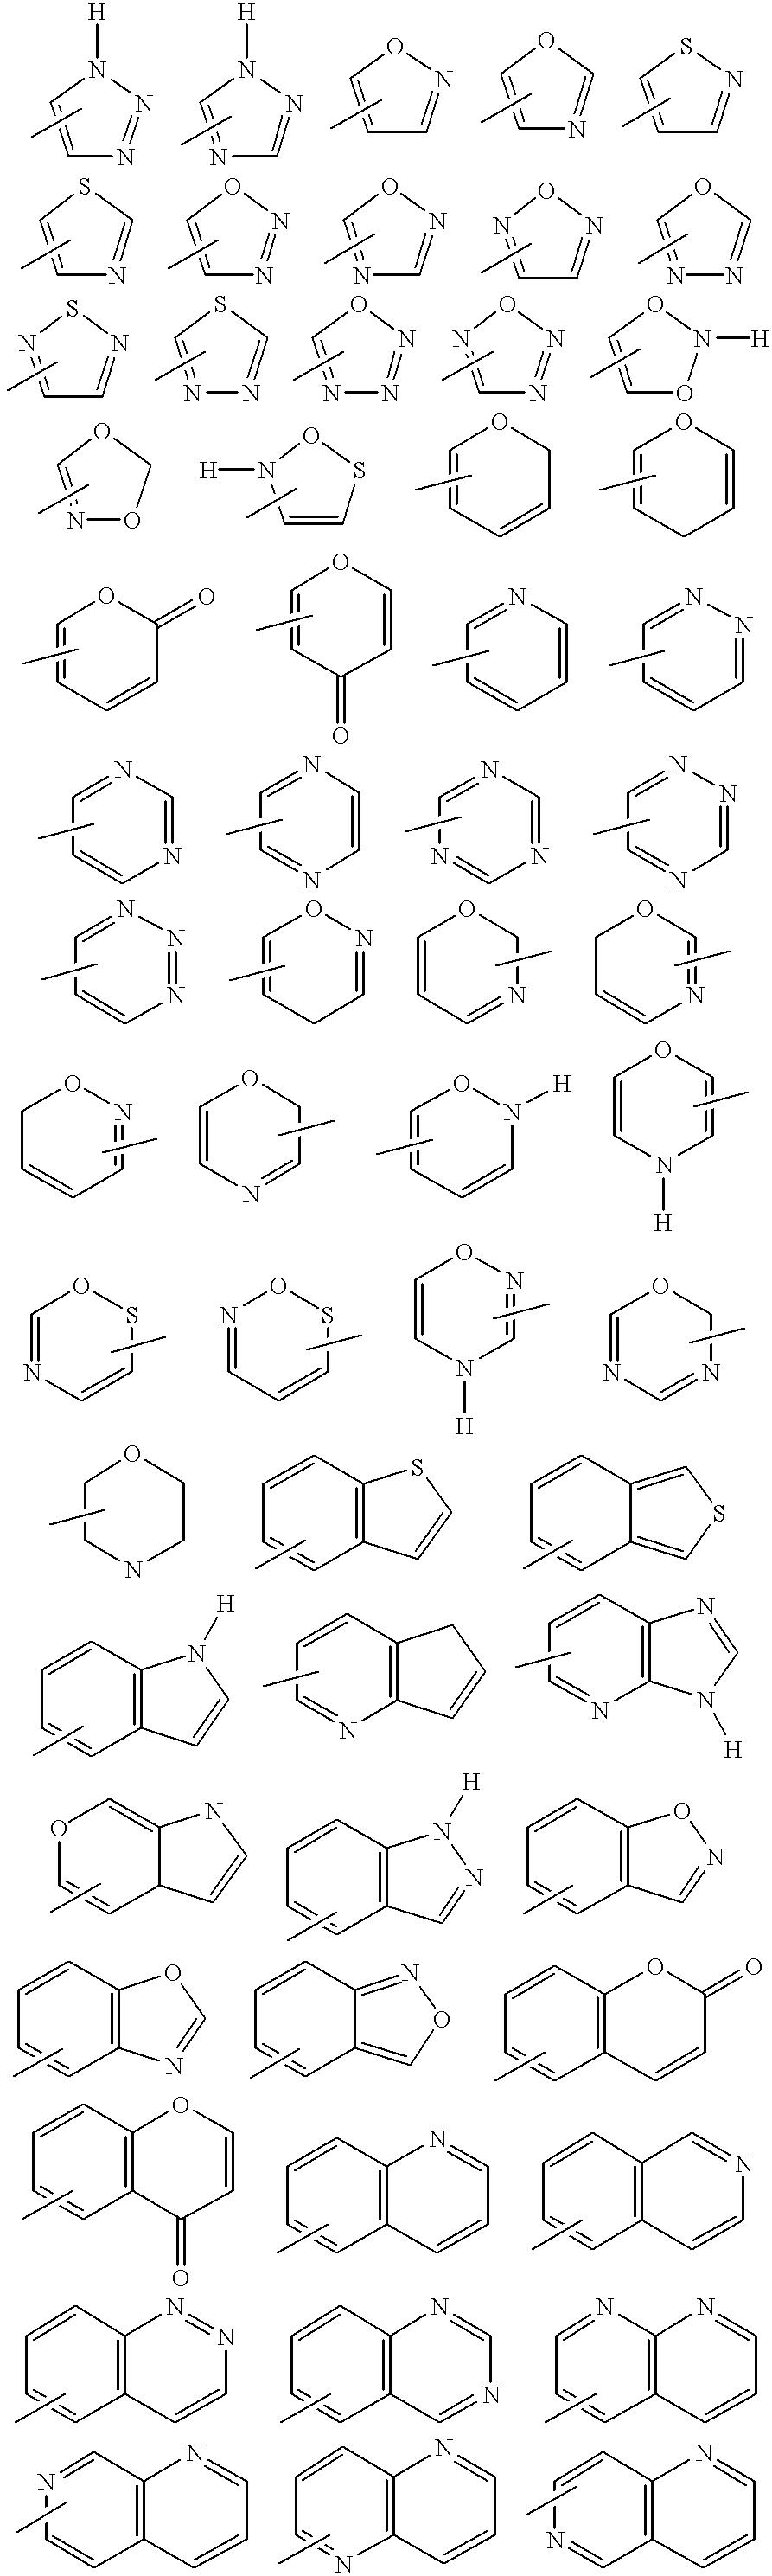 Figure US06255490-20010703-C00009